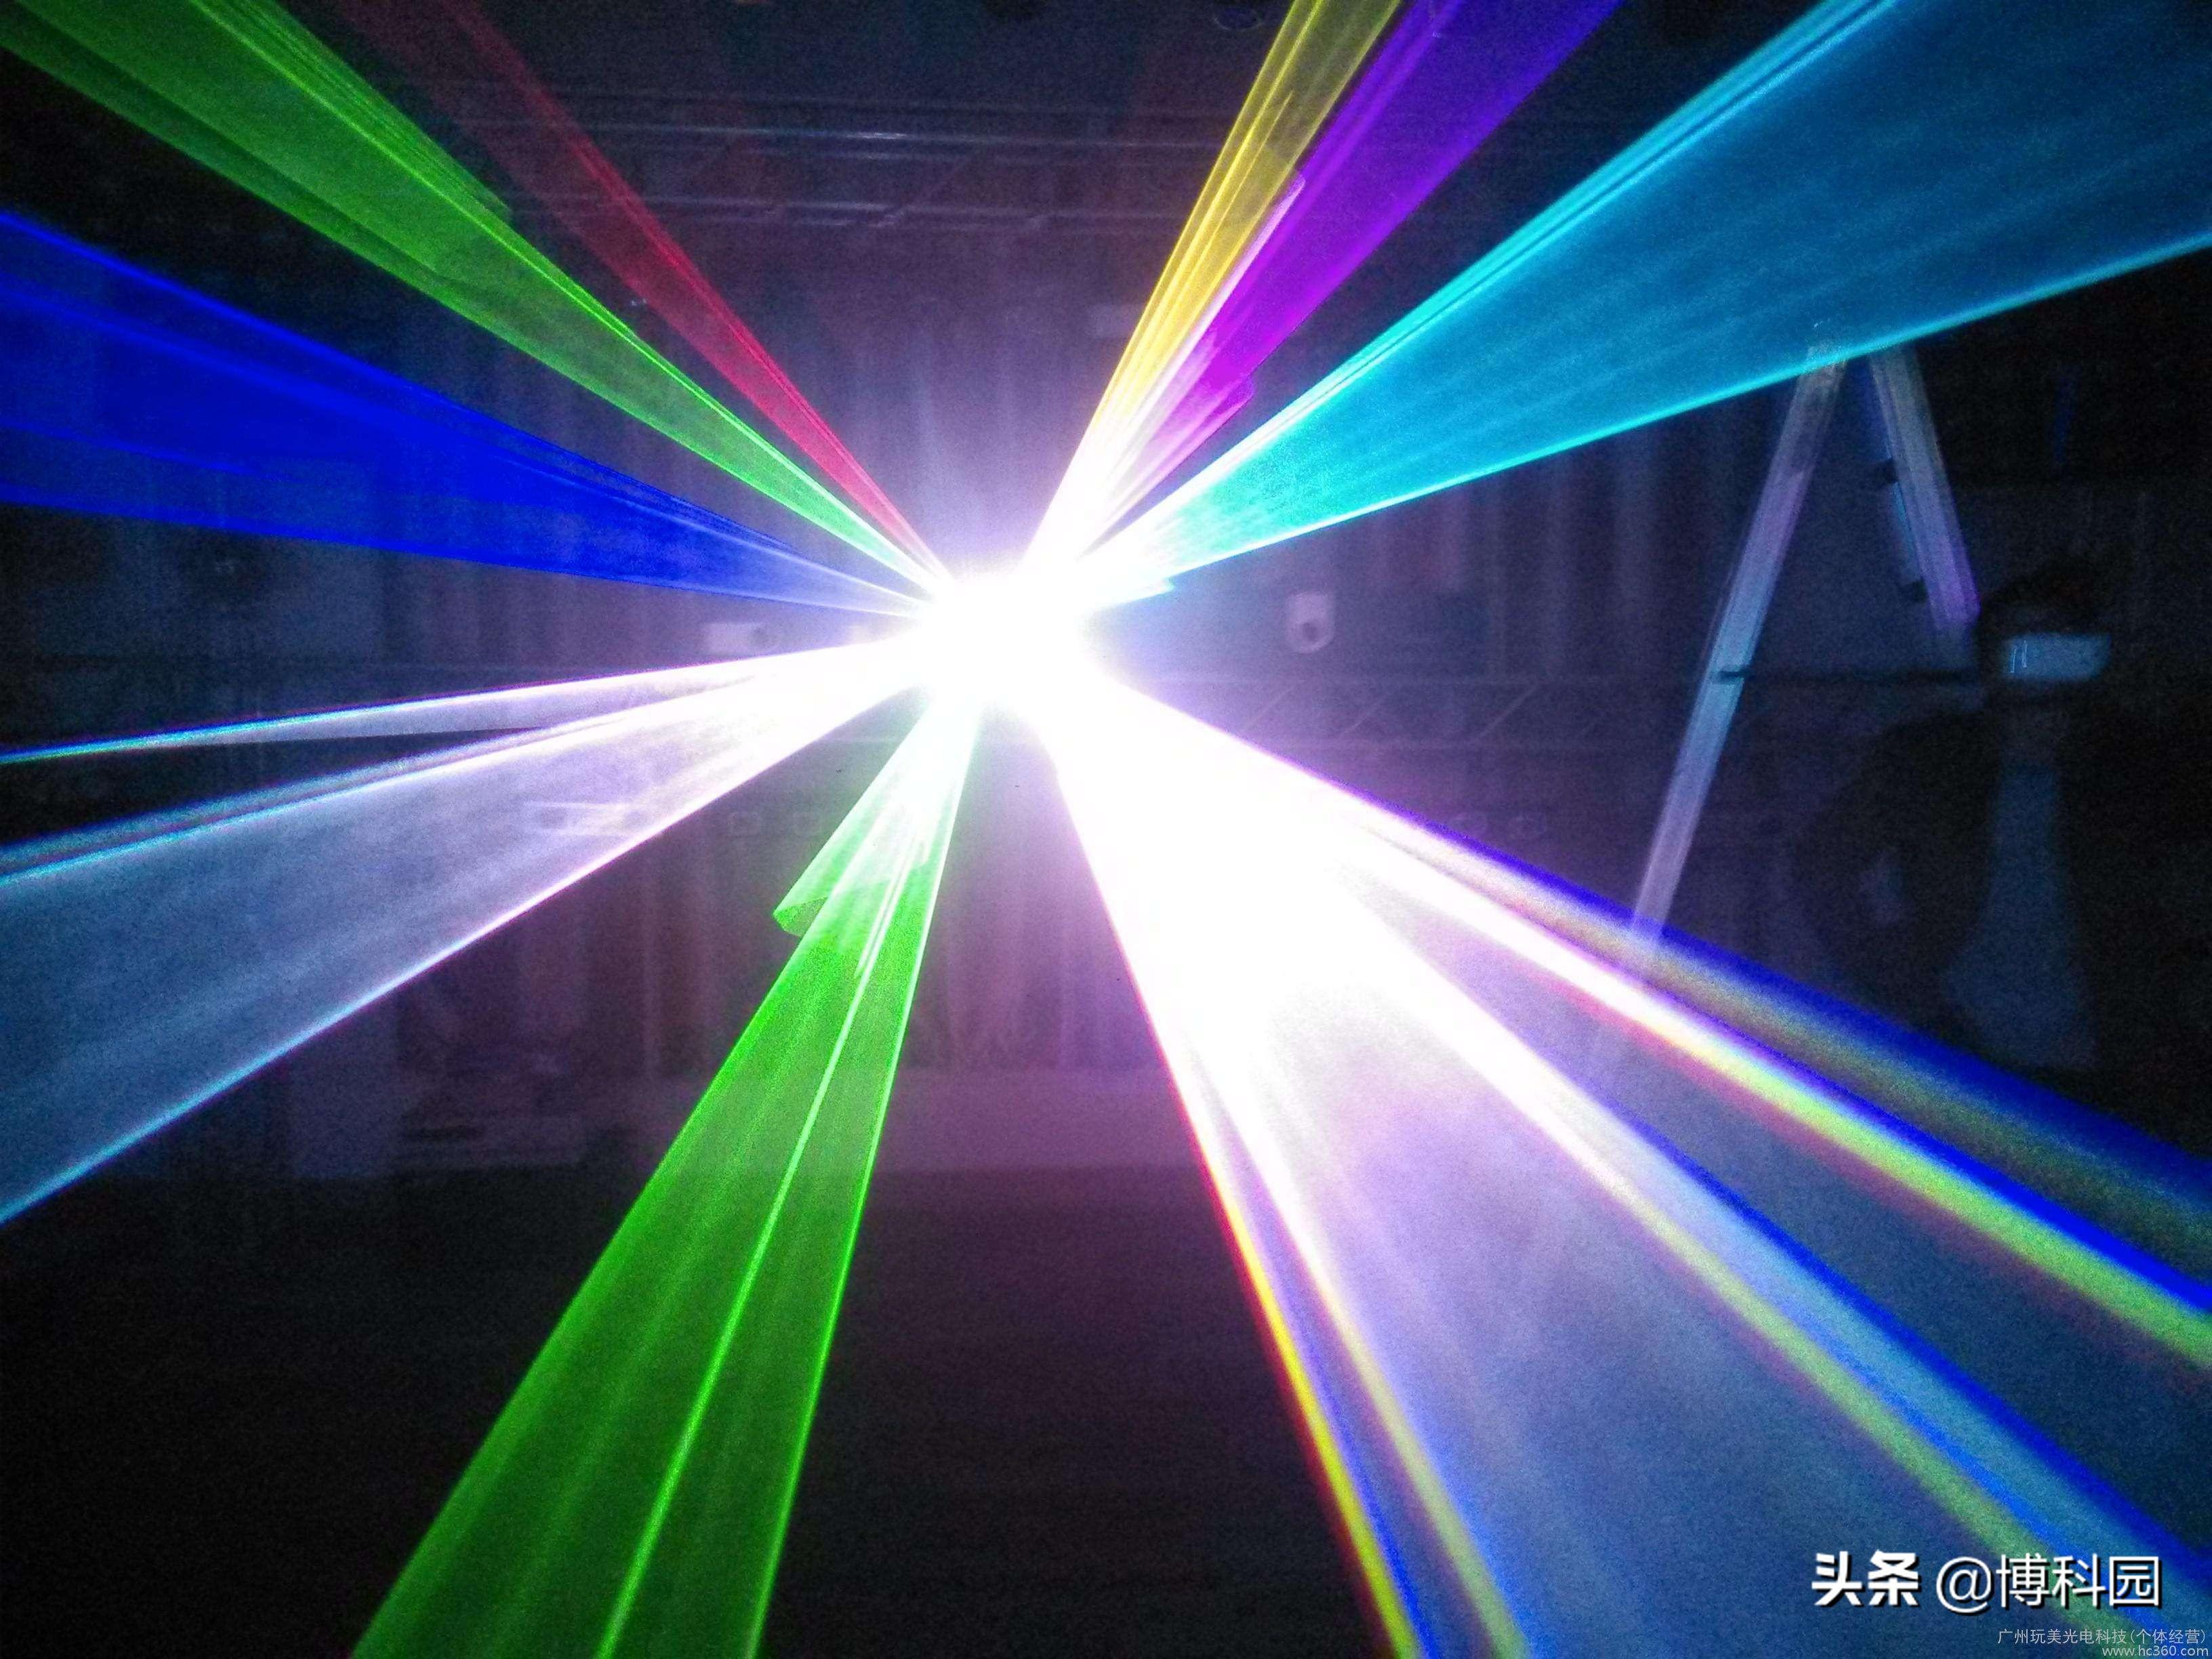 好美丽!激光加热也能产生明亮的颜色,而且大有用处!